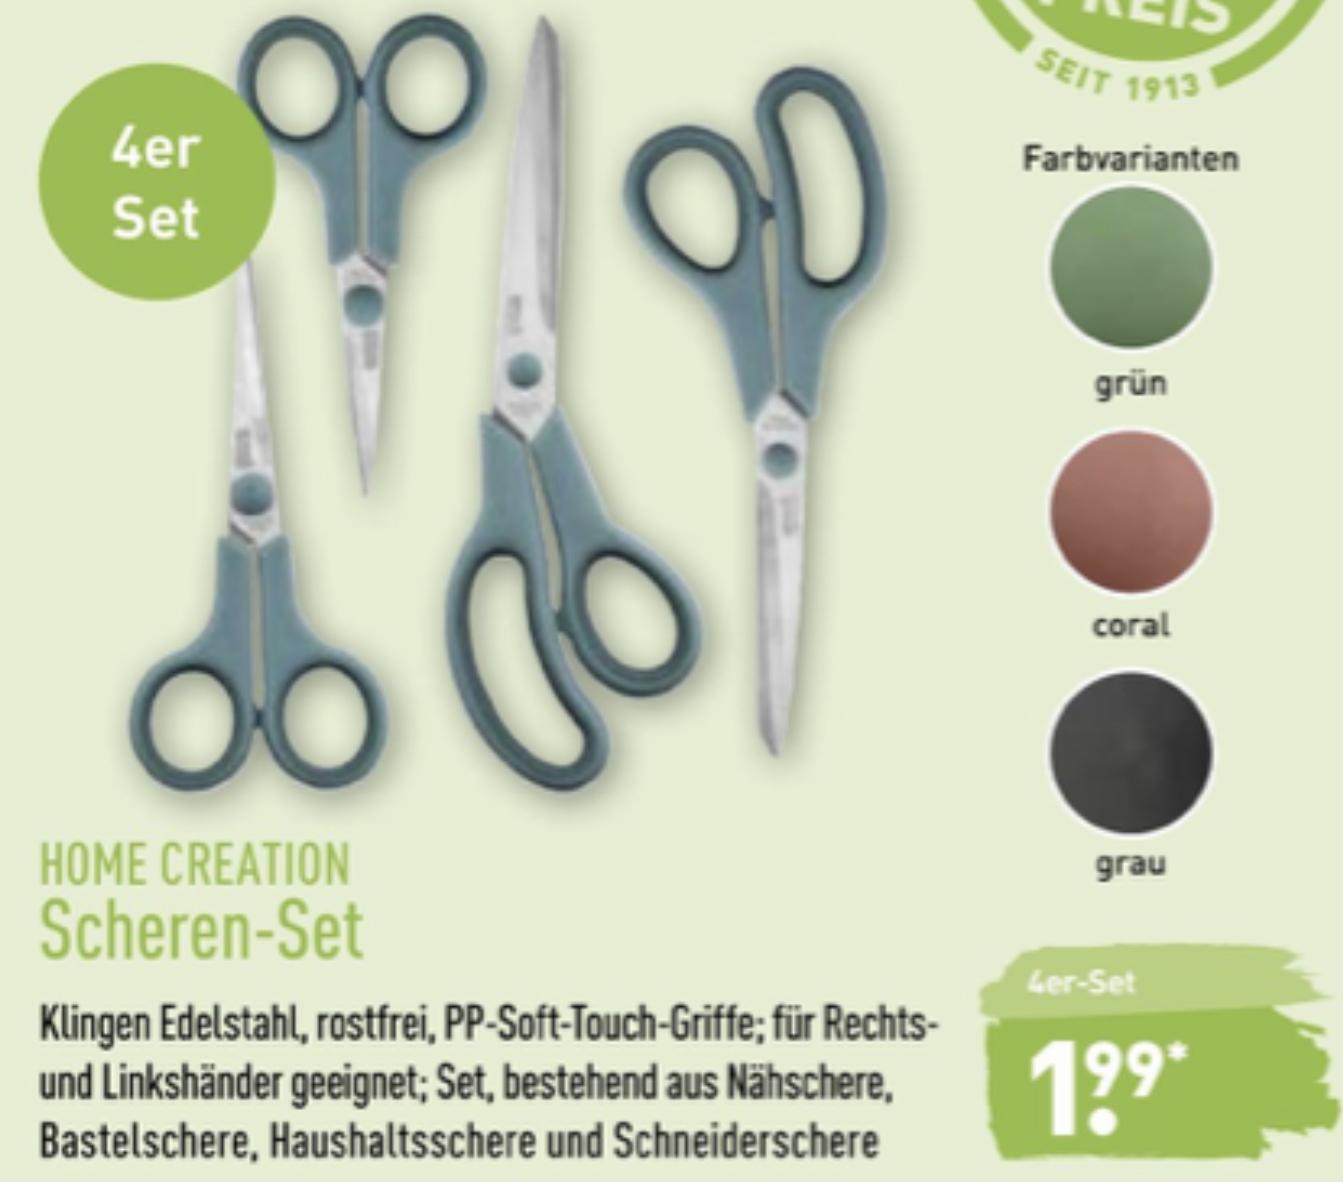 ALDI: 4-teiliges Scheren-Set Haushaltsschere, Nähschere, Bastelschere u. Schneiderschere für zusammen 1,99€